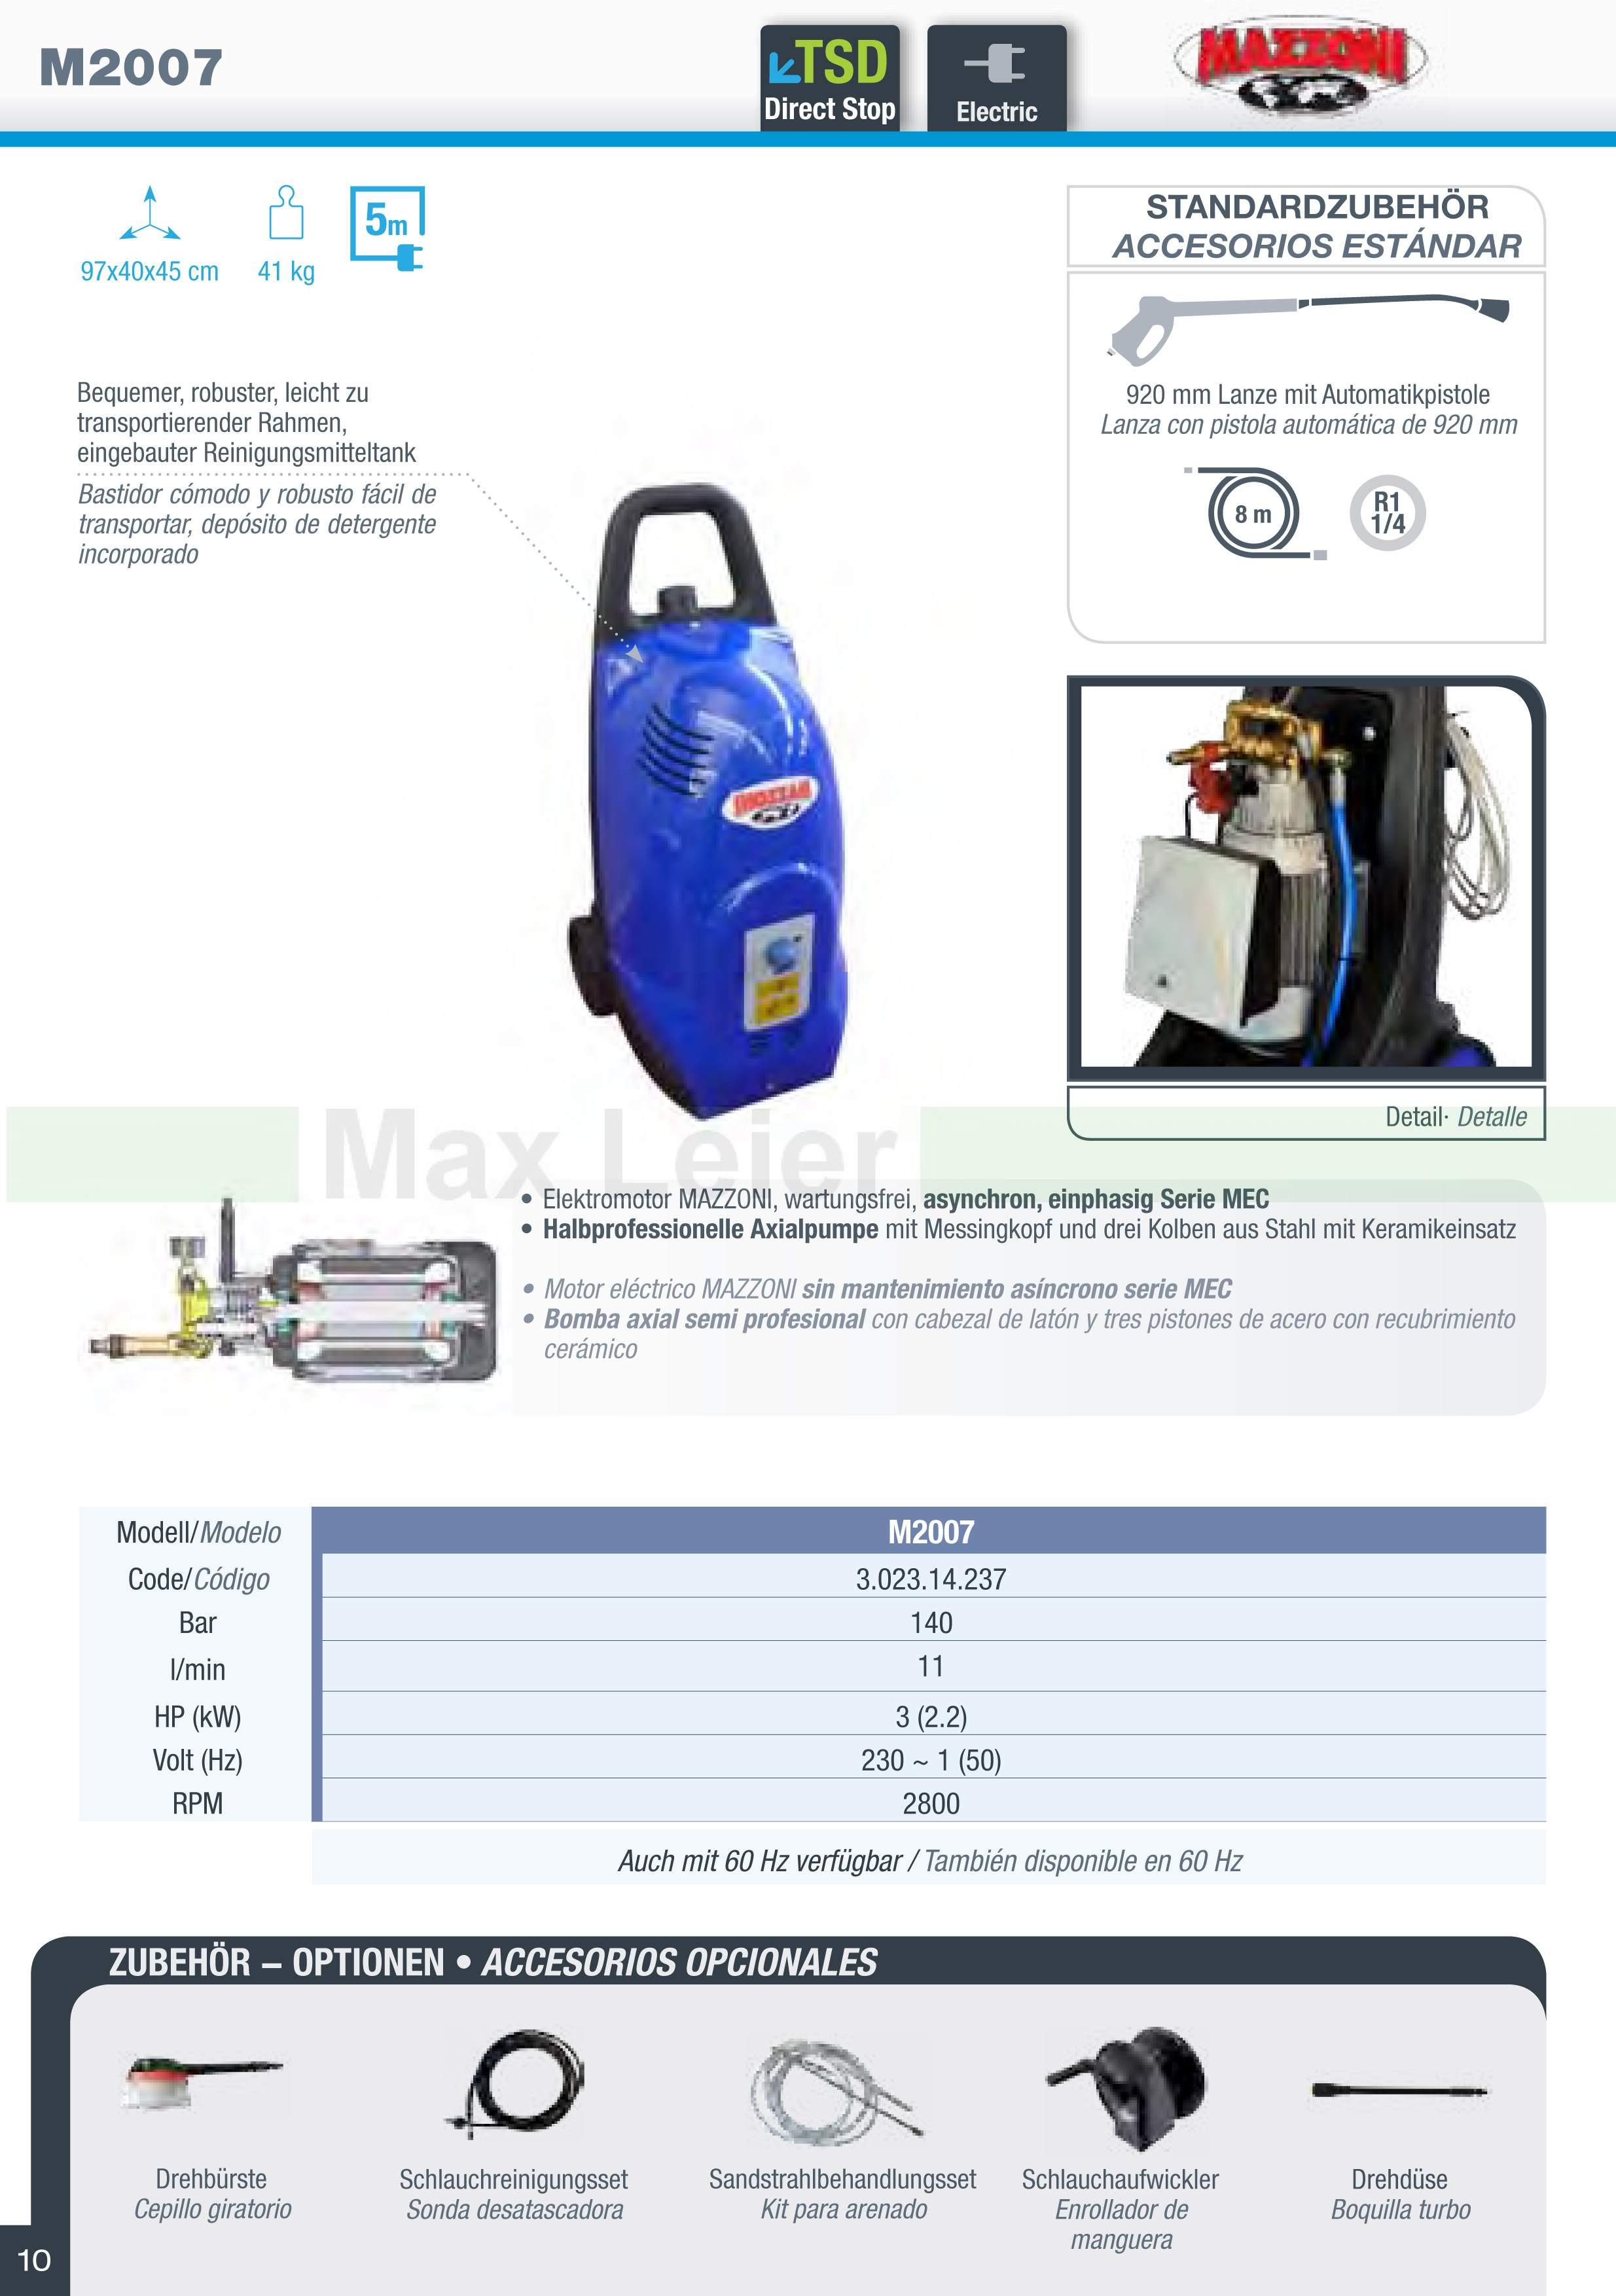 S10-Mazzonie-M2007